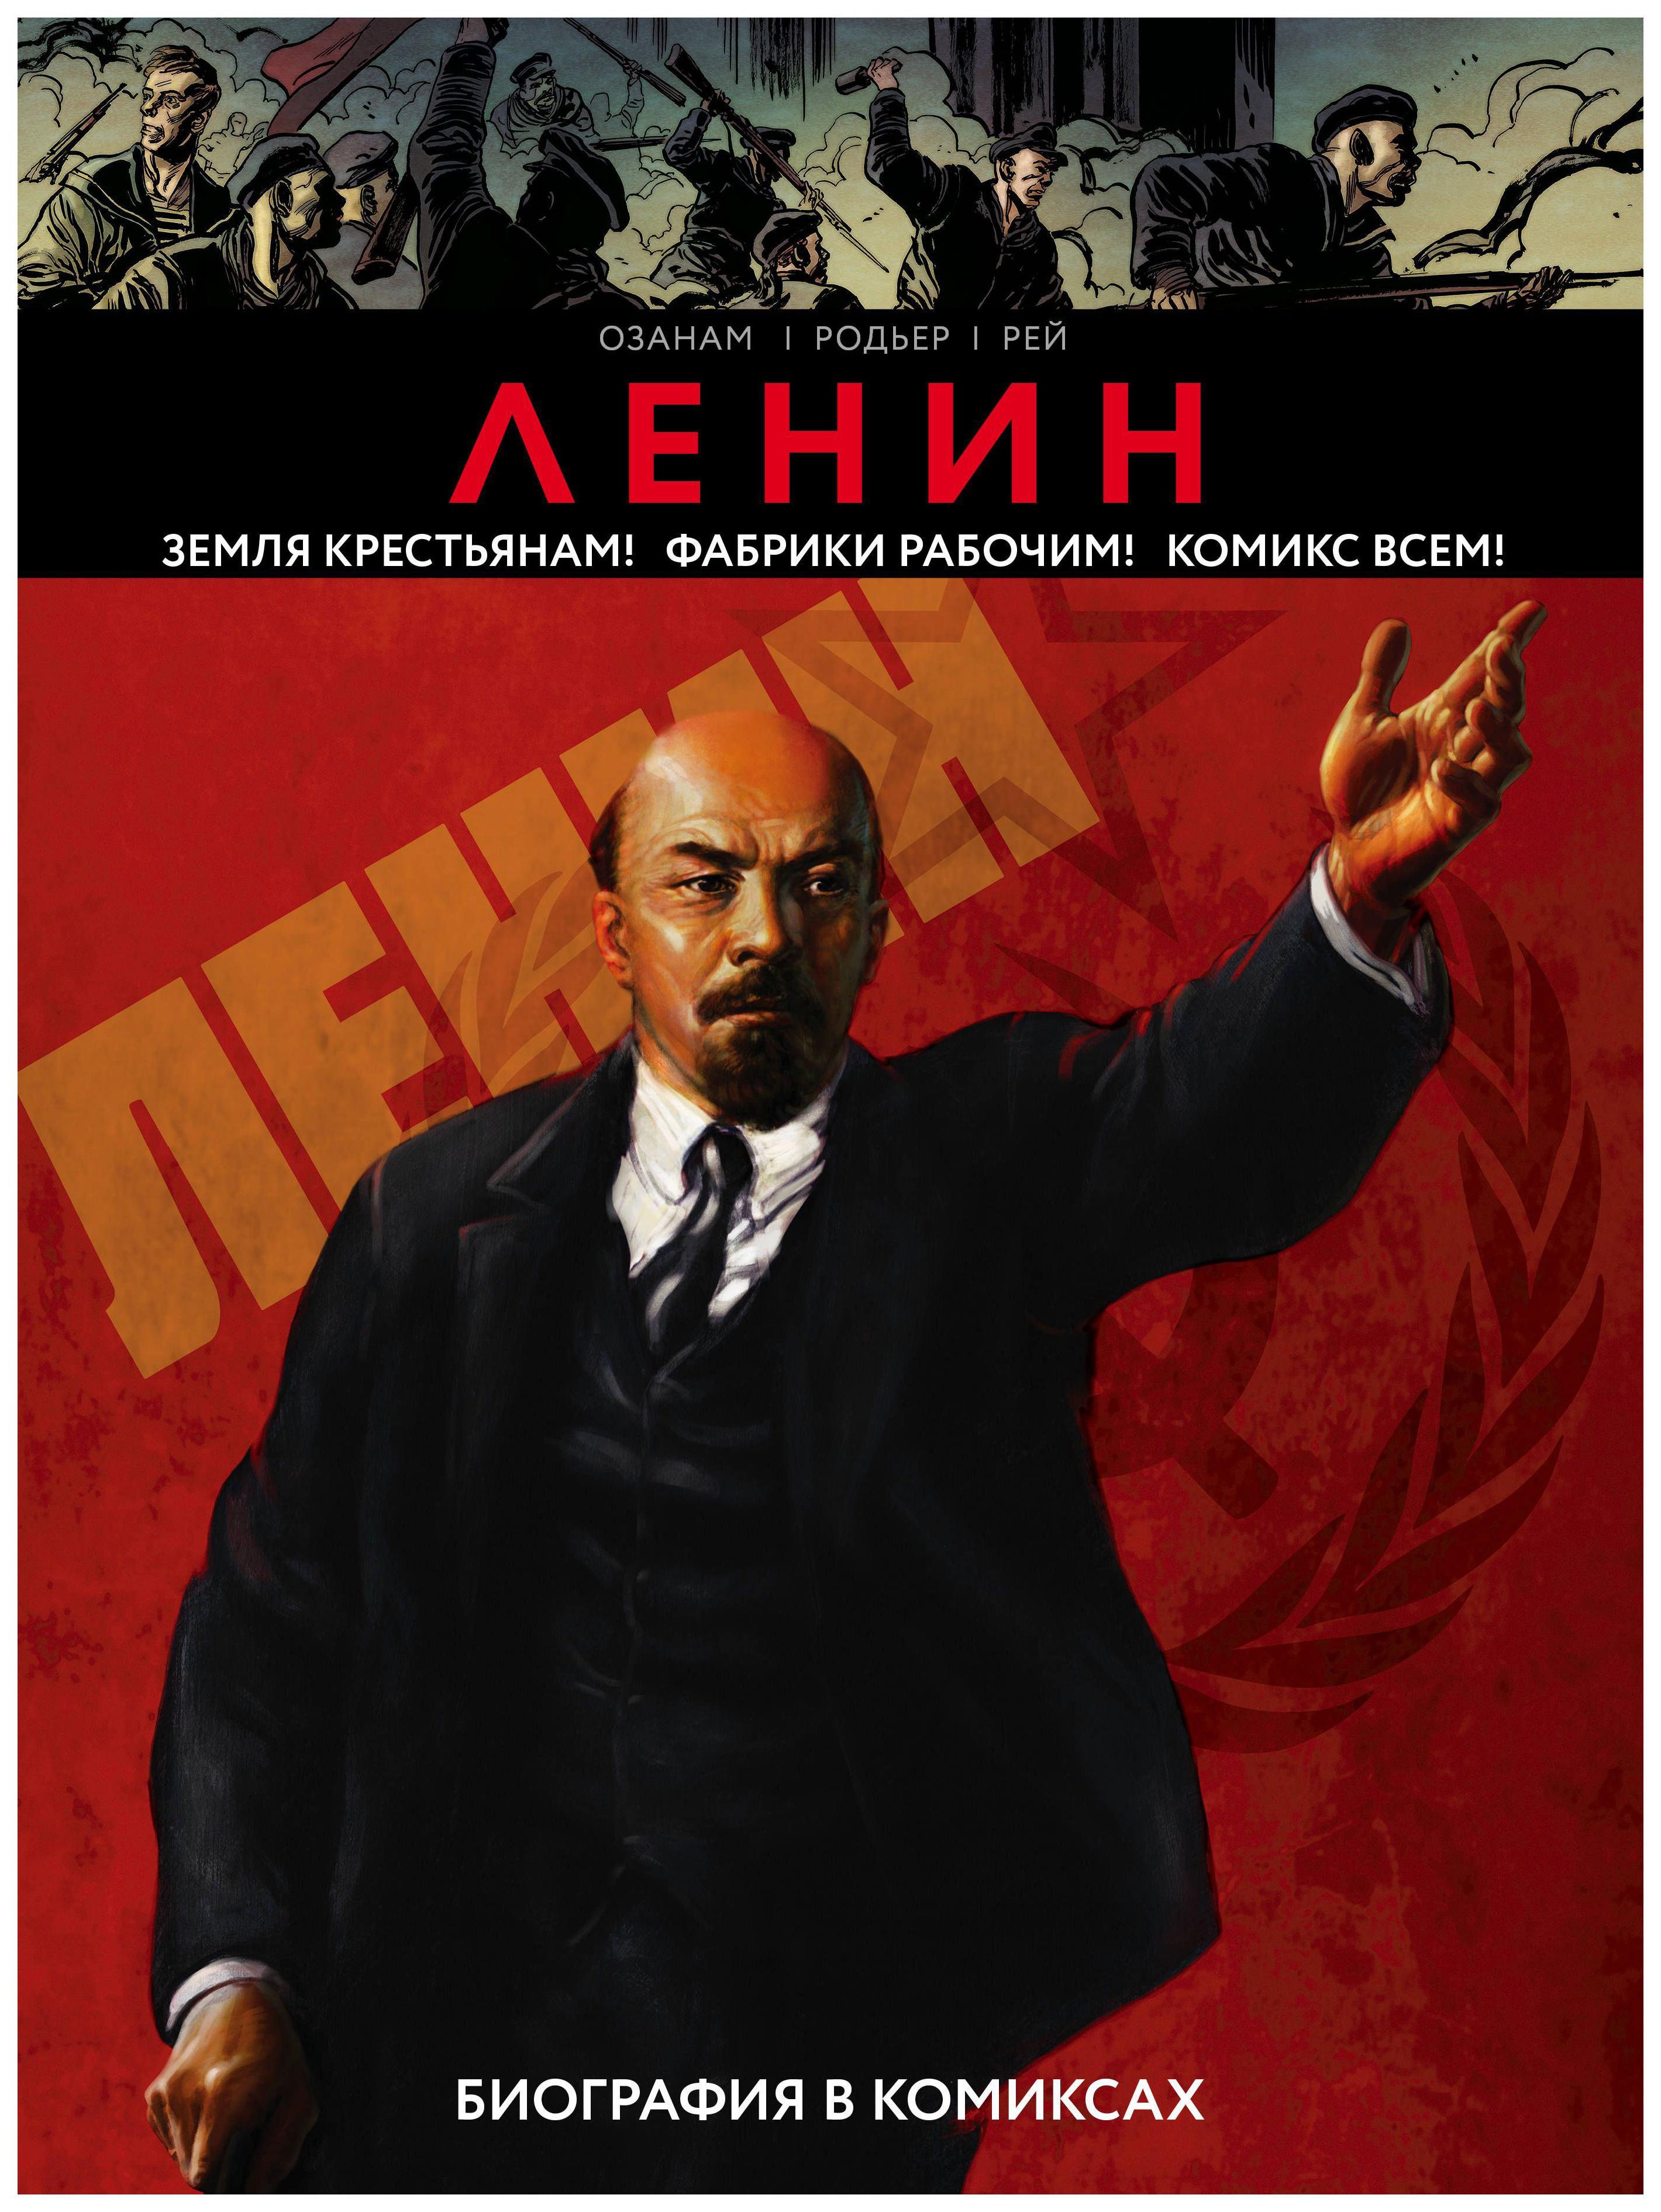 Графический роман Ленин, Биография в комиксах